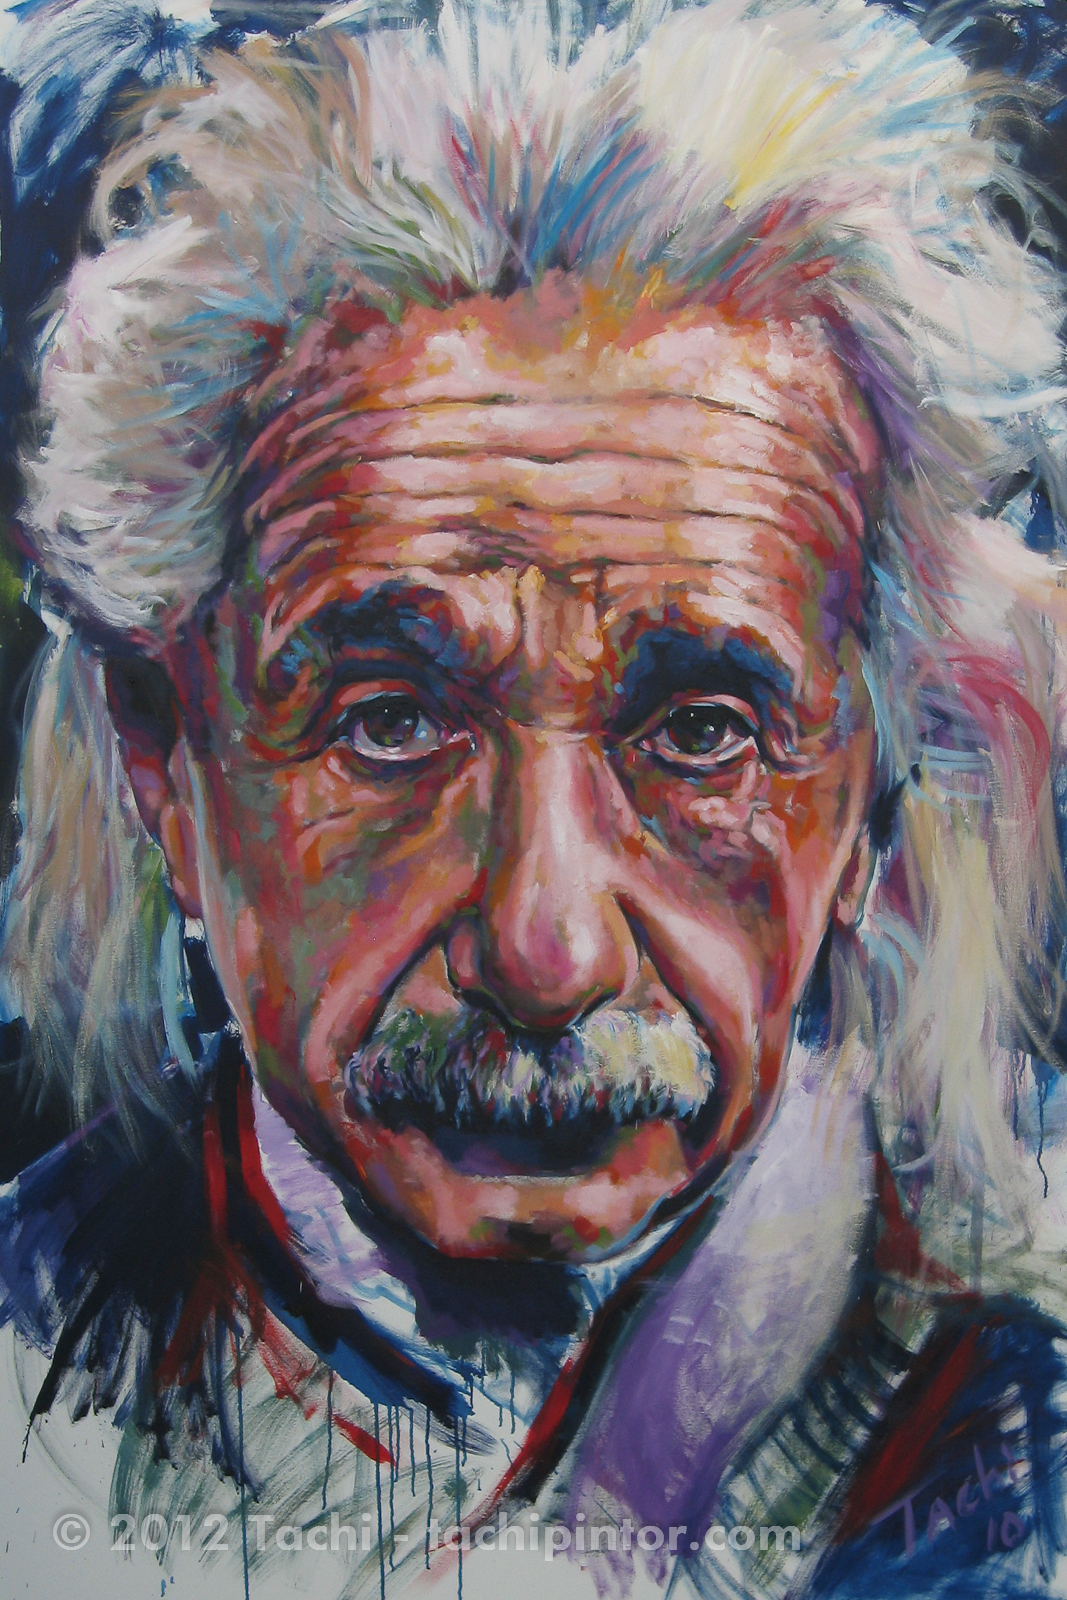 Albert Einstein by Tachi - © www.tachipintor.com